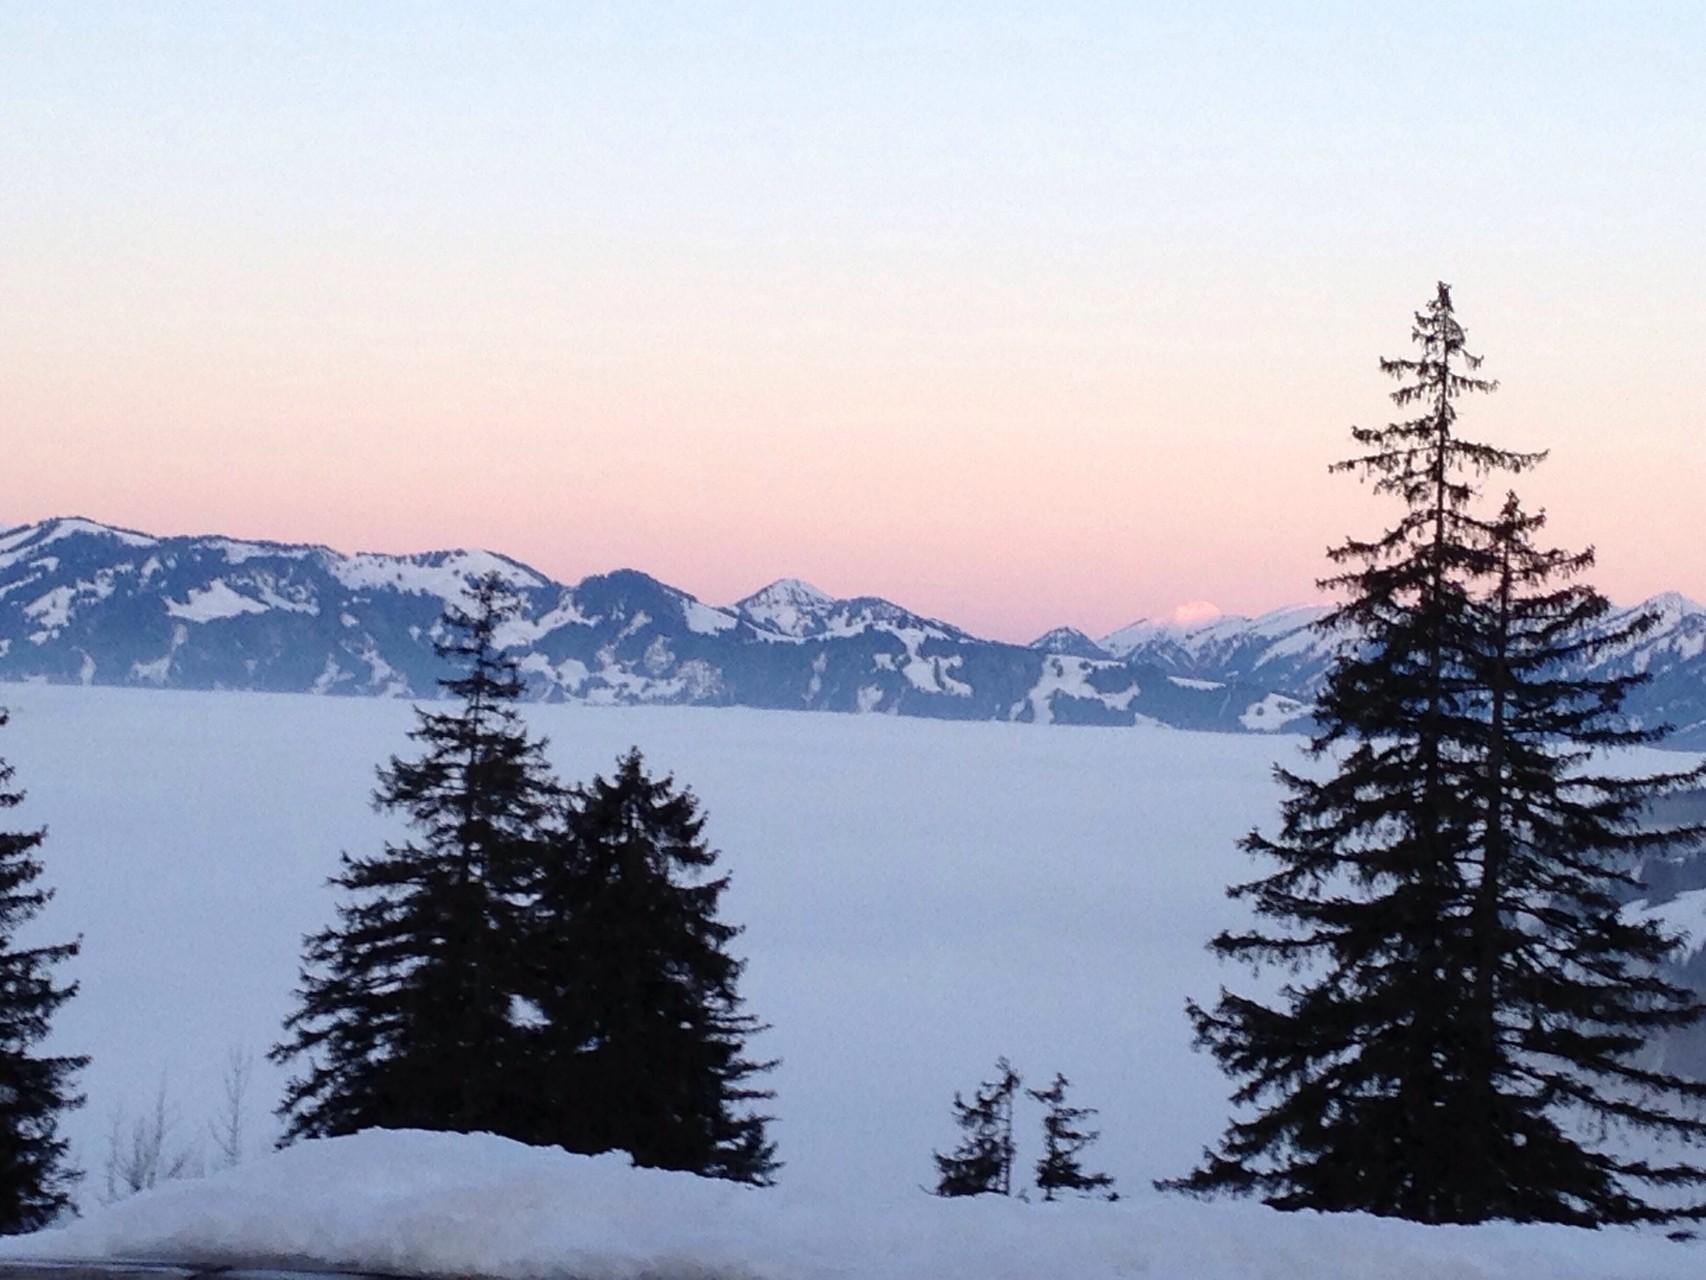 Nebliges Unterland vor dem Sonnenuntergang